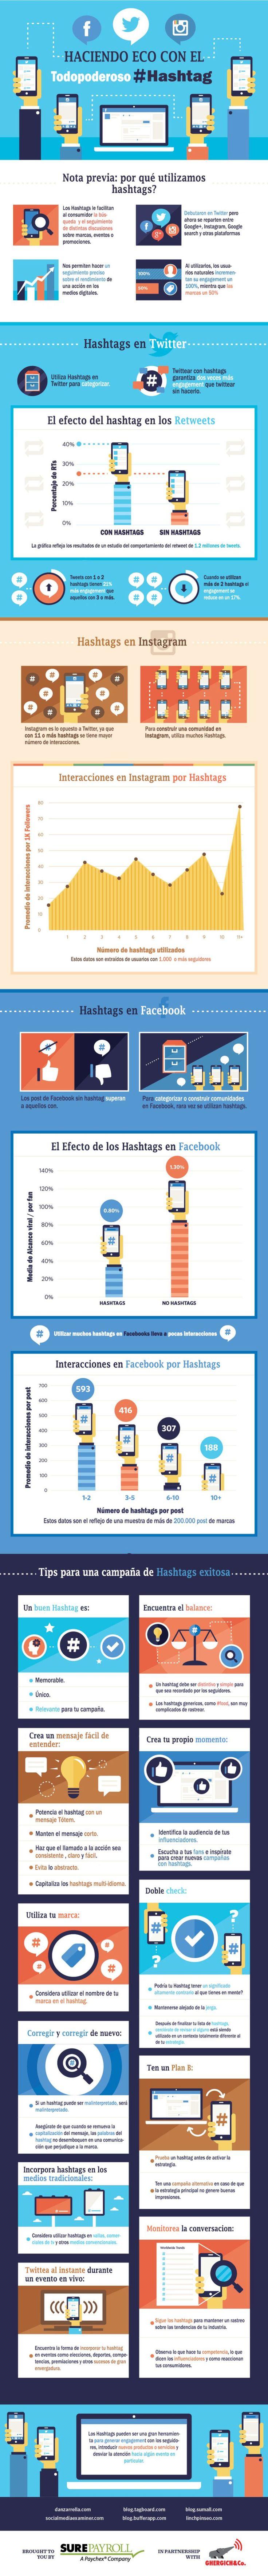 Haciendo eco con el Todopoderoso #Hashtag: Descubre la gran importancia de usar hashtags en tus publicaciones sociales y los grandes beneficios que puedes conseguir dándoles un uso adecuado #infografía